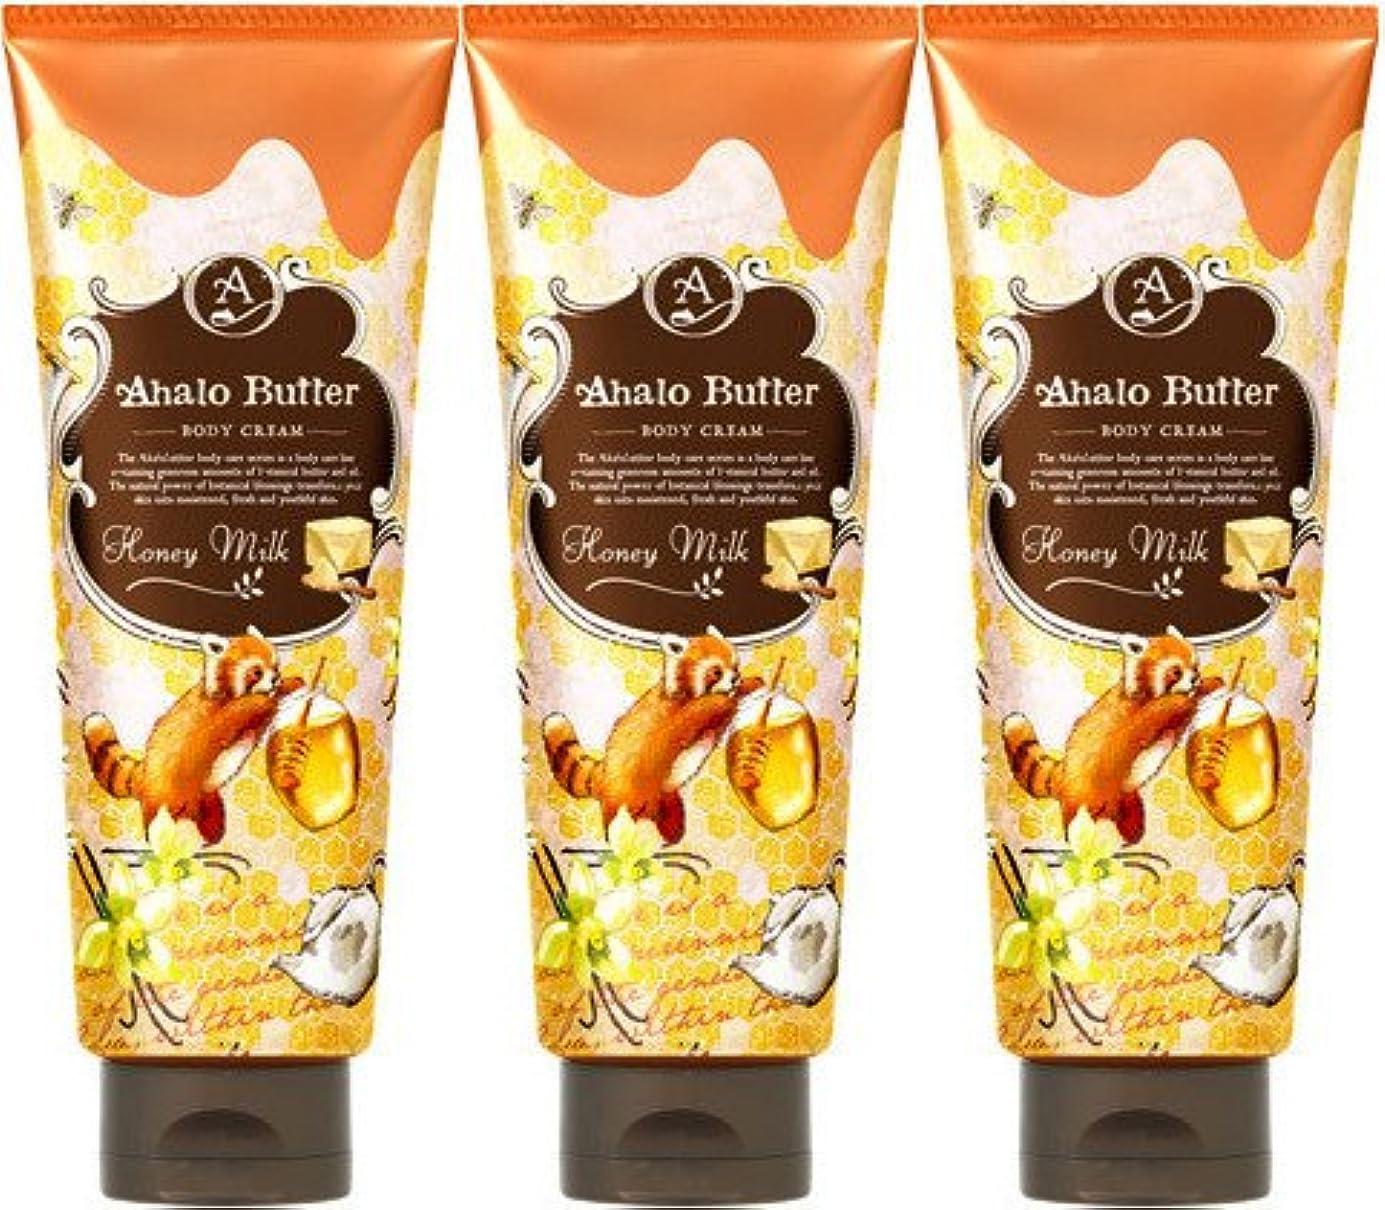 新着公平なつま先【3個セット】Ahalo butter(アハロバター) ボディクリーム ハニーミルク 150g